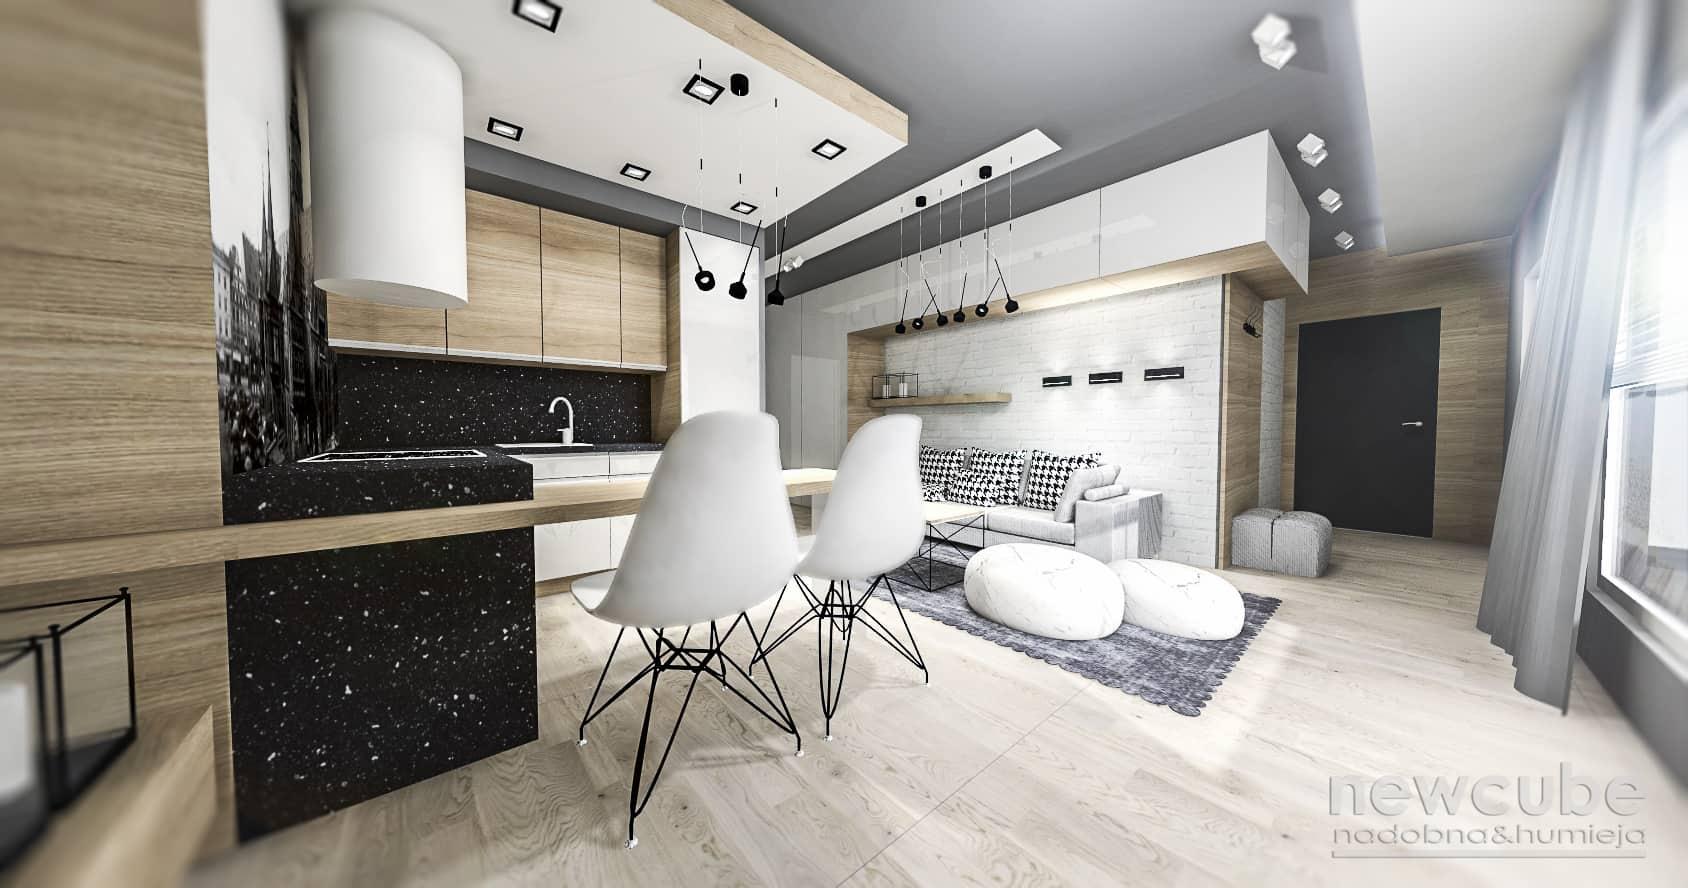 aranzacja-wnetrz-projekt-architekt-new-cube-13_29_06_2015